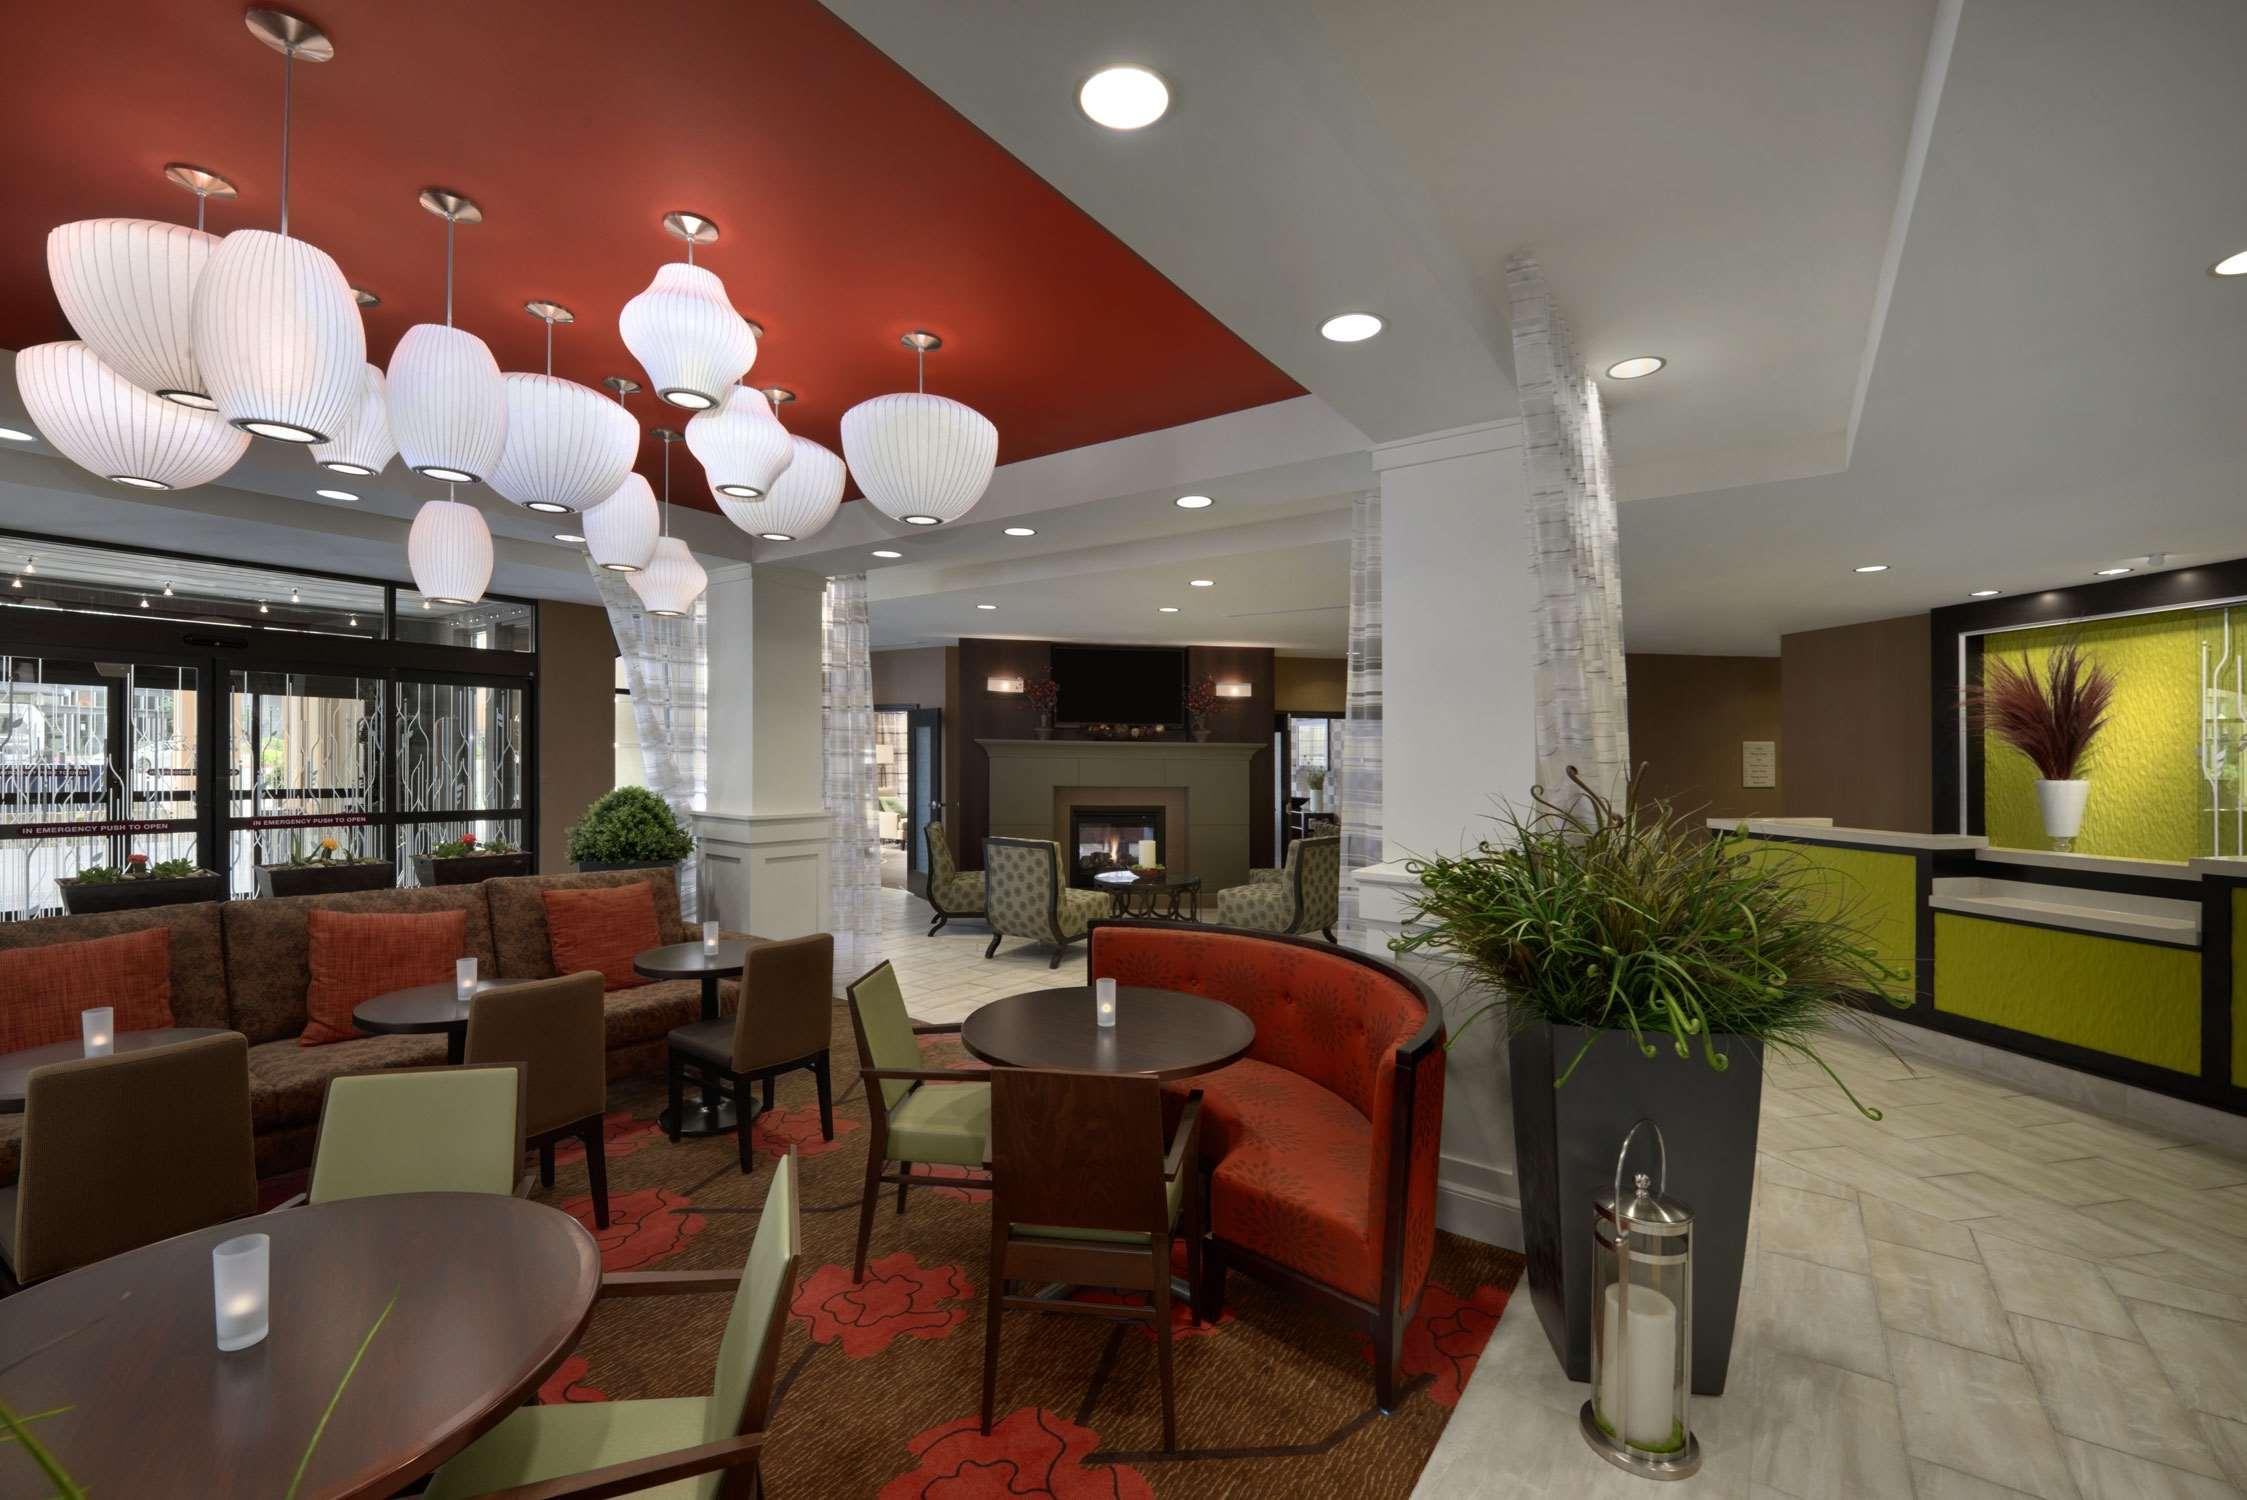 Hilton Garden Inn Ogden UT image 5